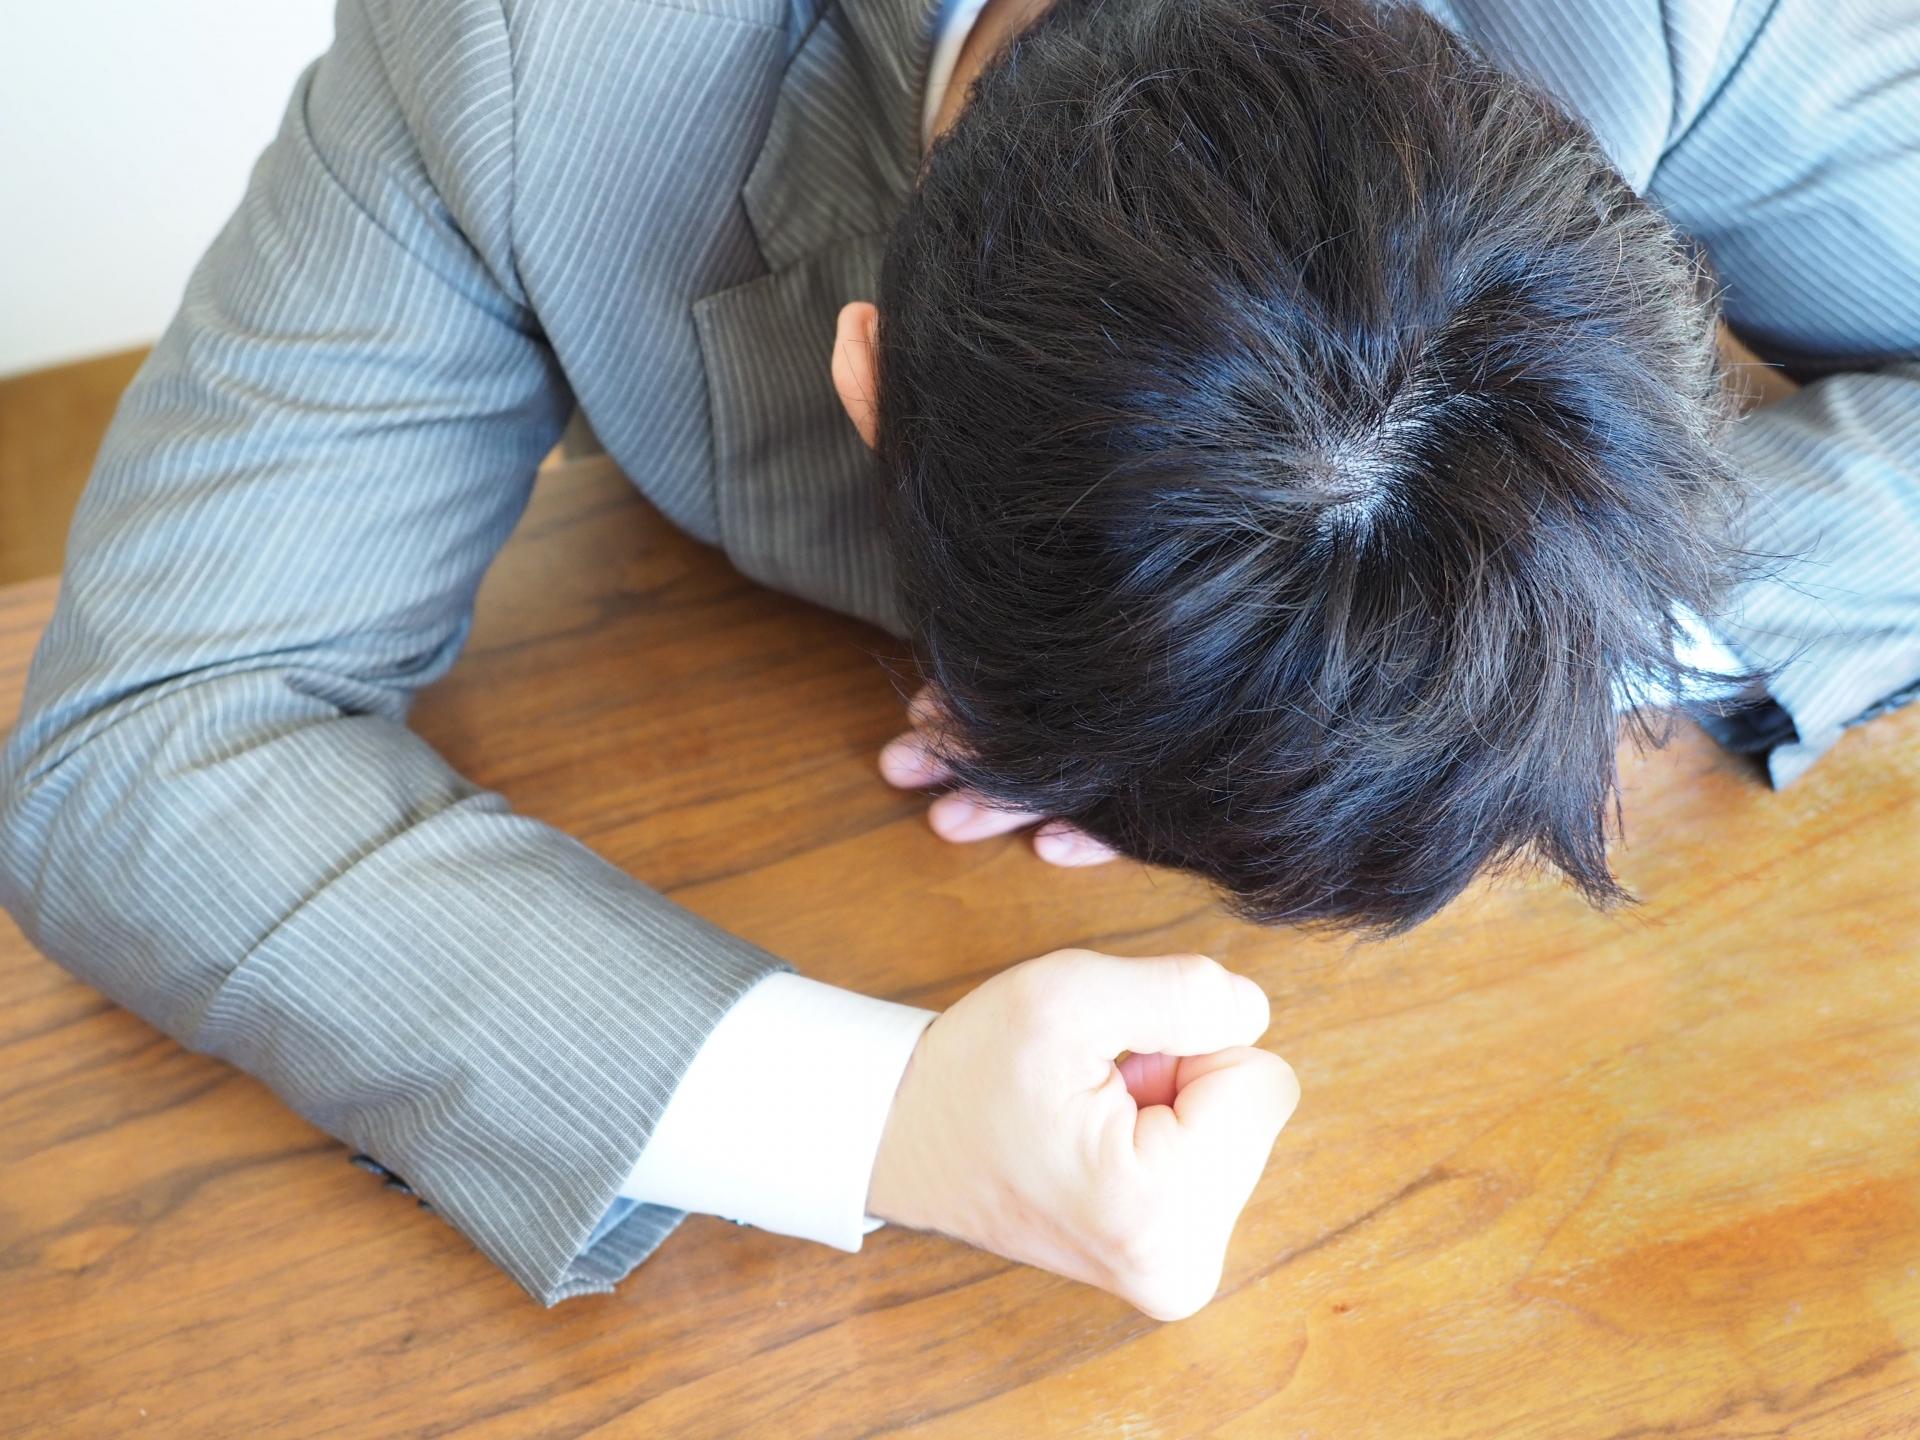 使えない部下や非常識な後輩にストレス!対処法や指導法を解説します。